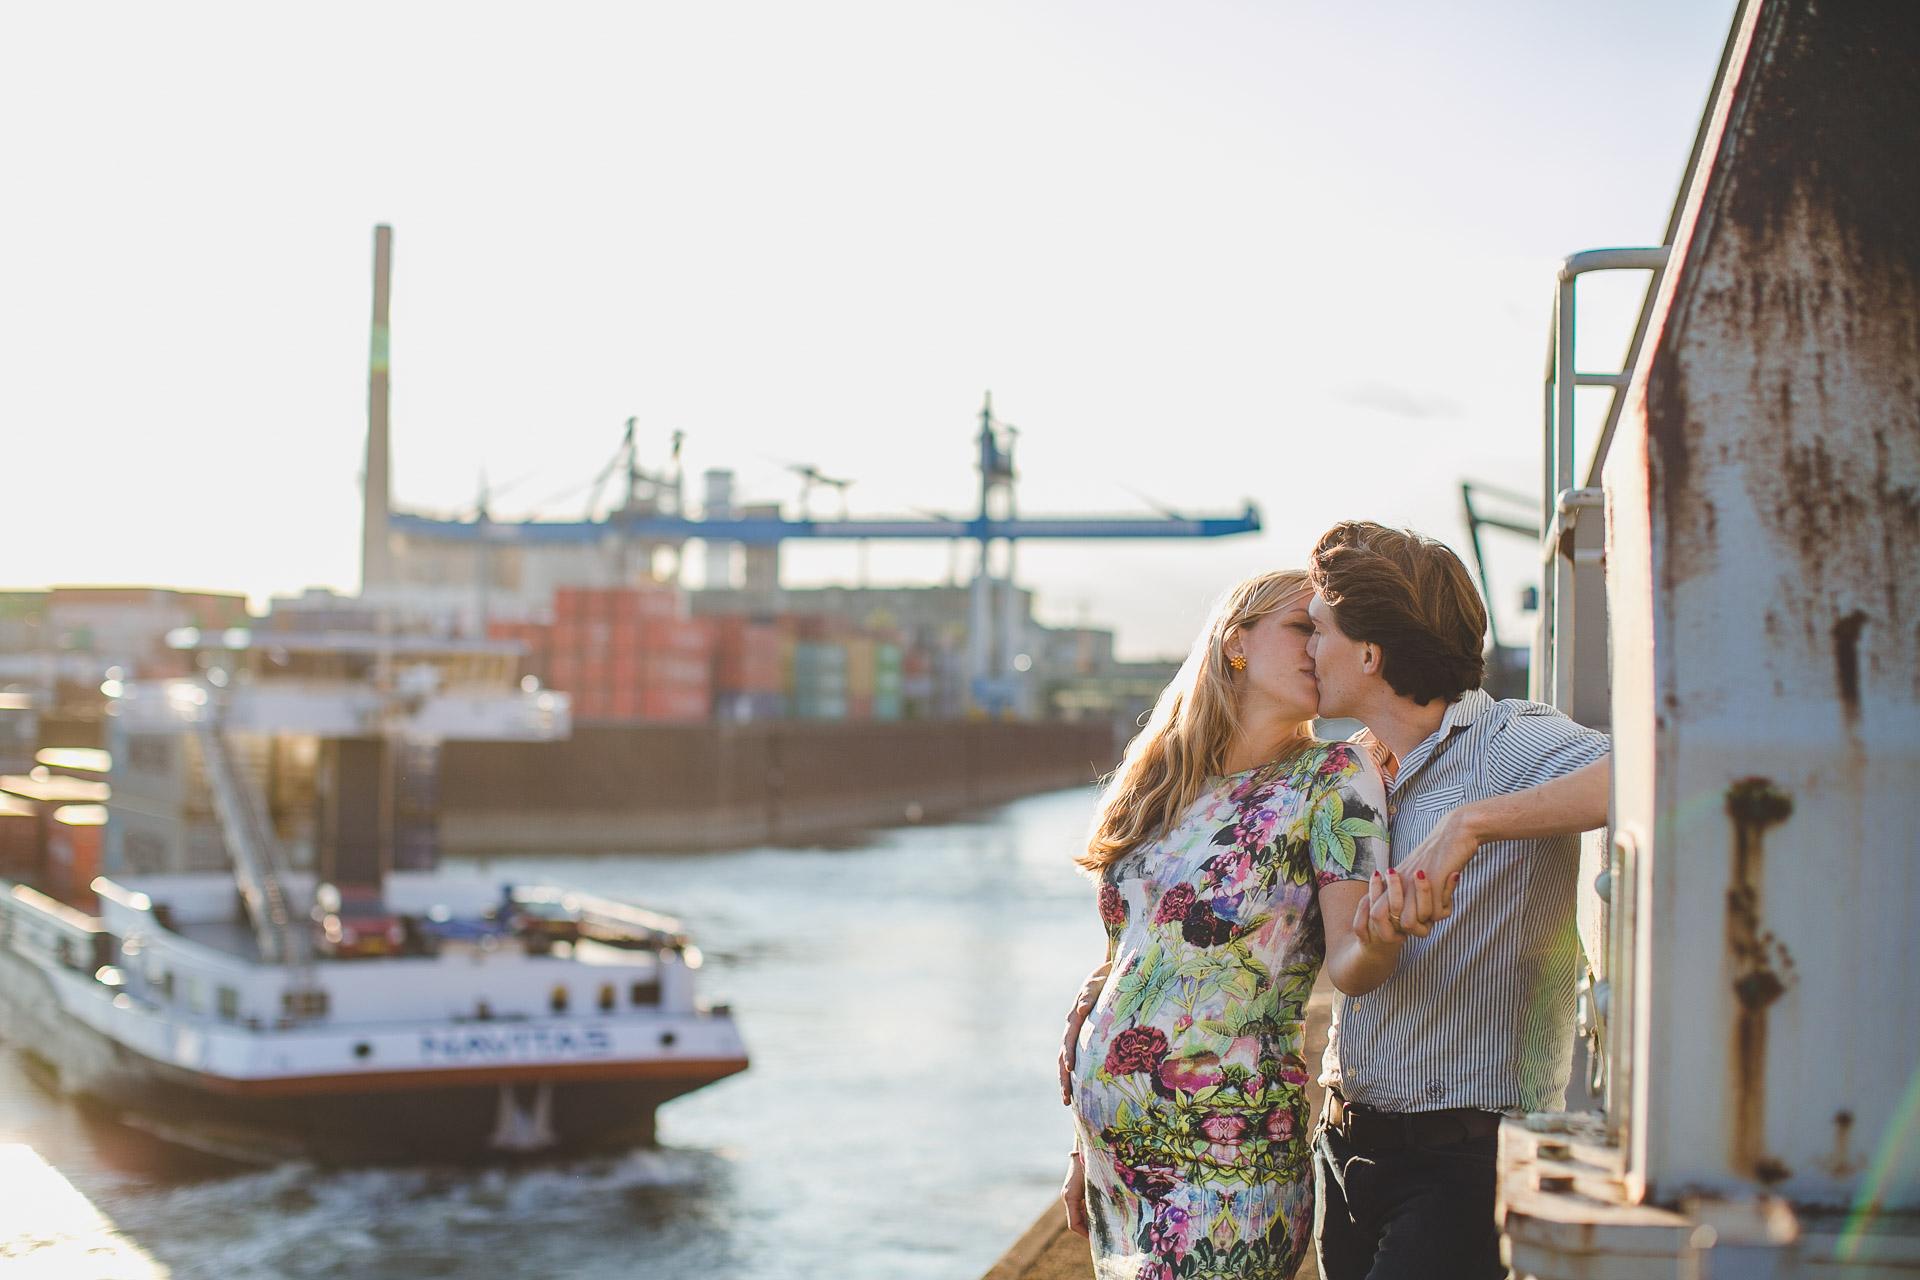 Schwangere mit Babybauch küsst ihren Partner am Industrie Hafen in Düsseldorf. Ein Schiff nähr sich. Industrie Kulissen.